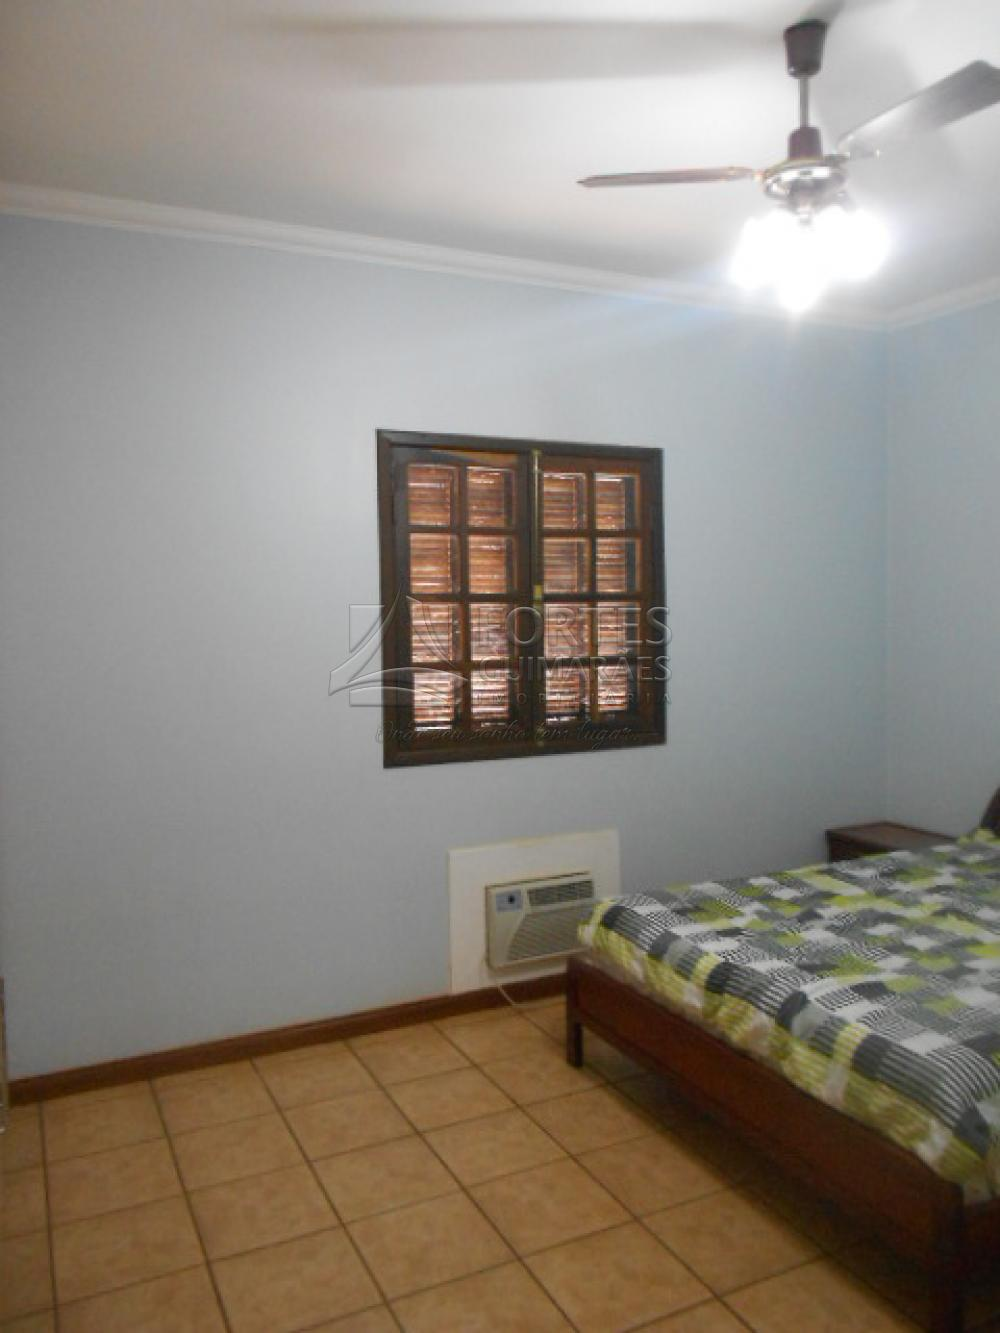 Alugar Casas / Condomínio em Jardinópolis apenas R$ 3.000,00 - Foto 33